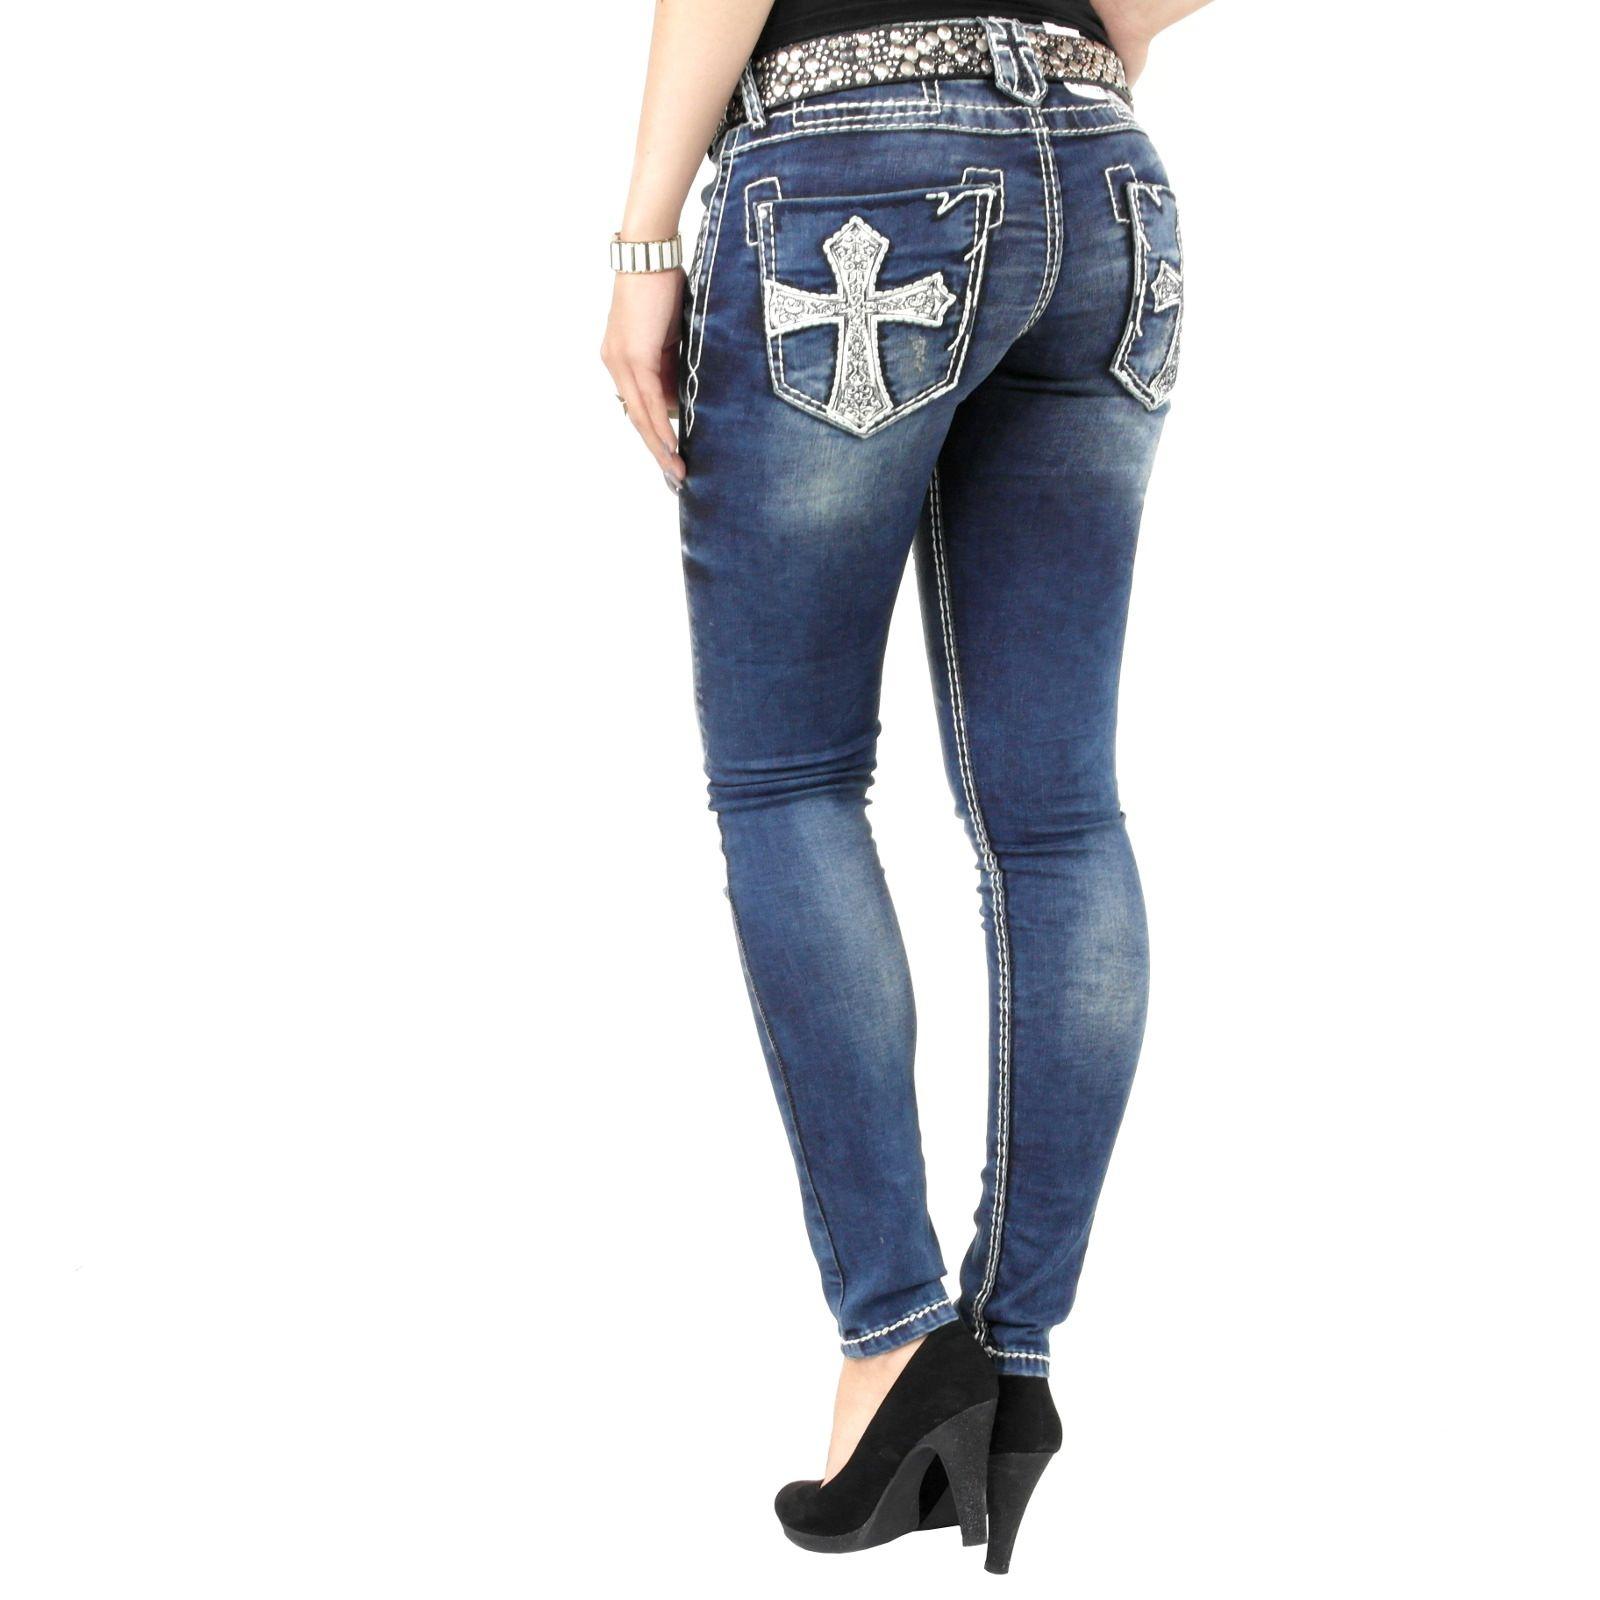 Angesagte Damen Jeanshose der Marke Cipo und Baxx in blau mit vielen  Verzierungen wie weiße Nähte 6df3a86ed4